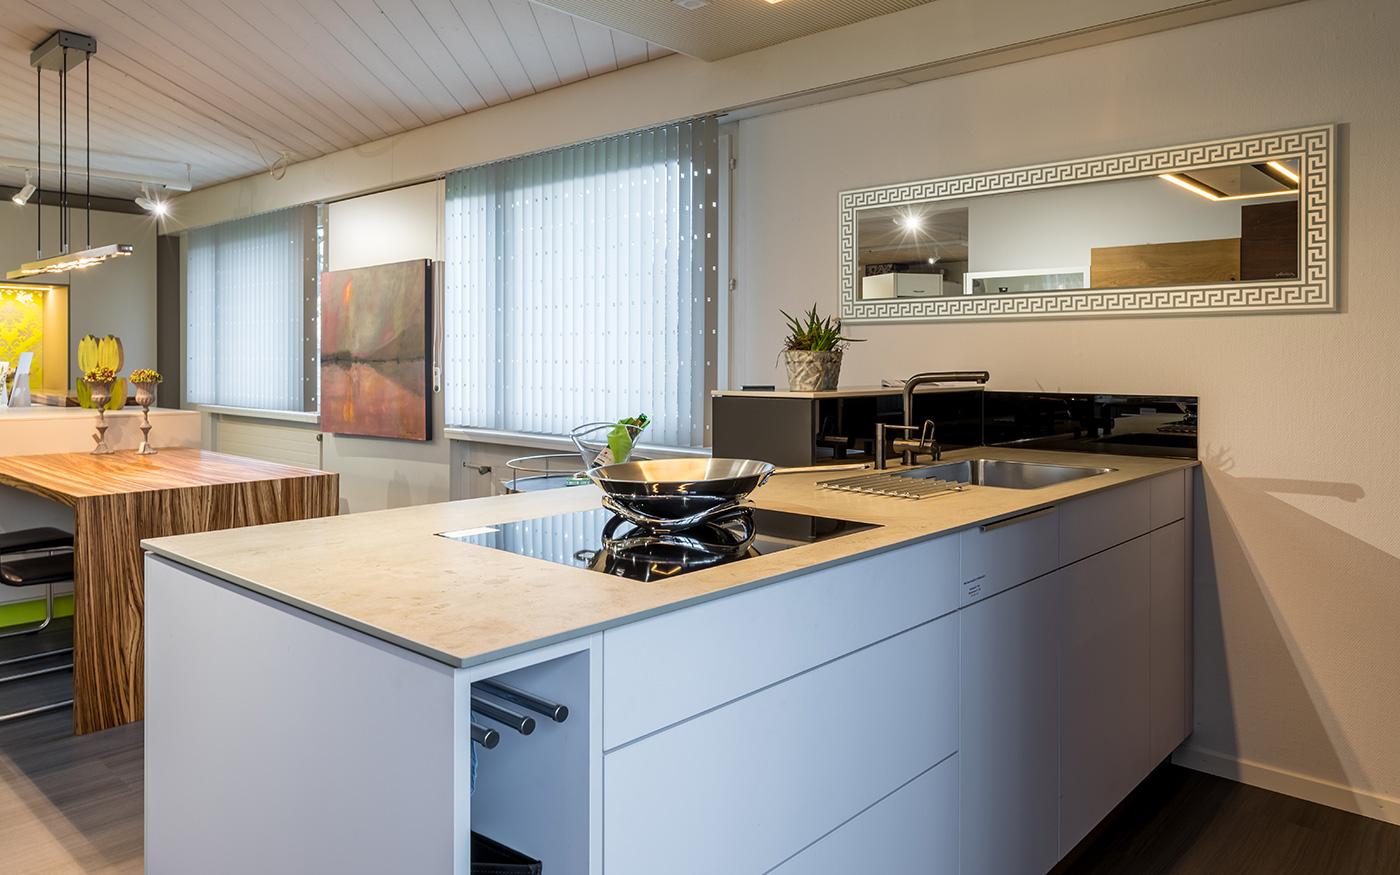 Kreis Design: Küchen, Badezimmer, Wohnraum – Einzigartiges schaffen